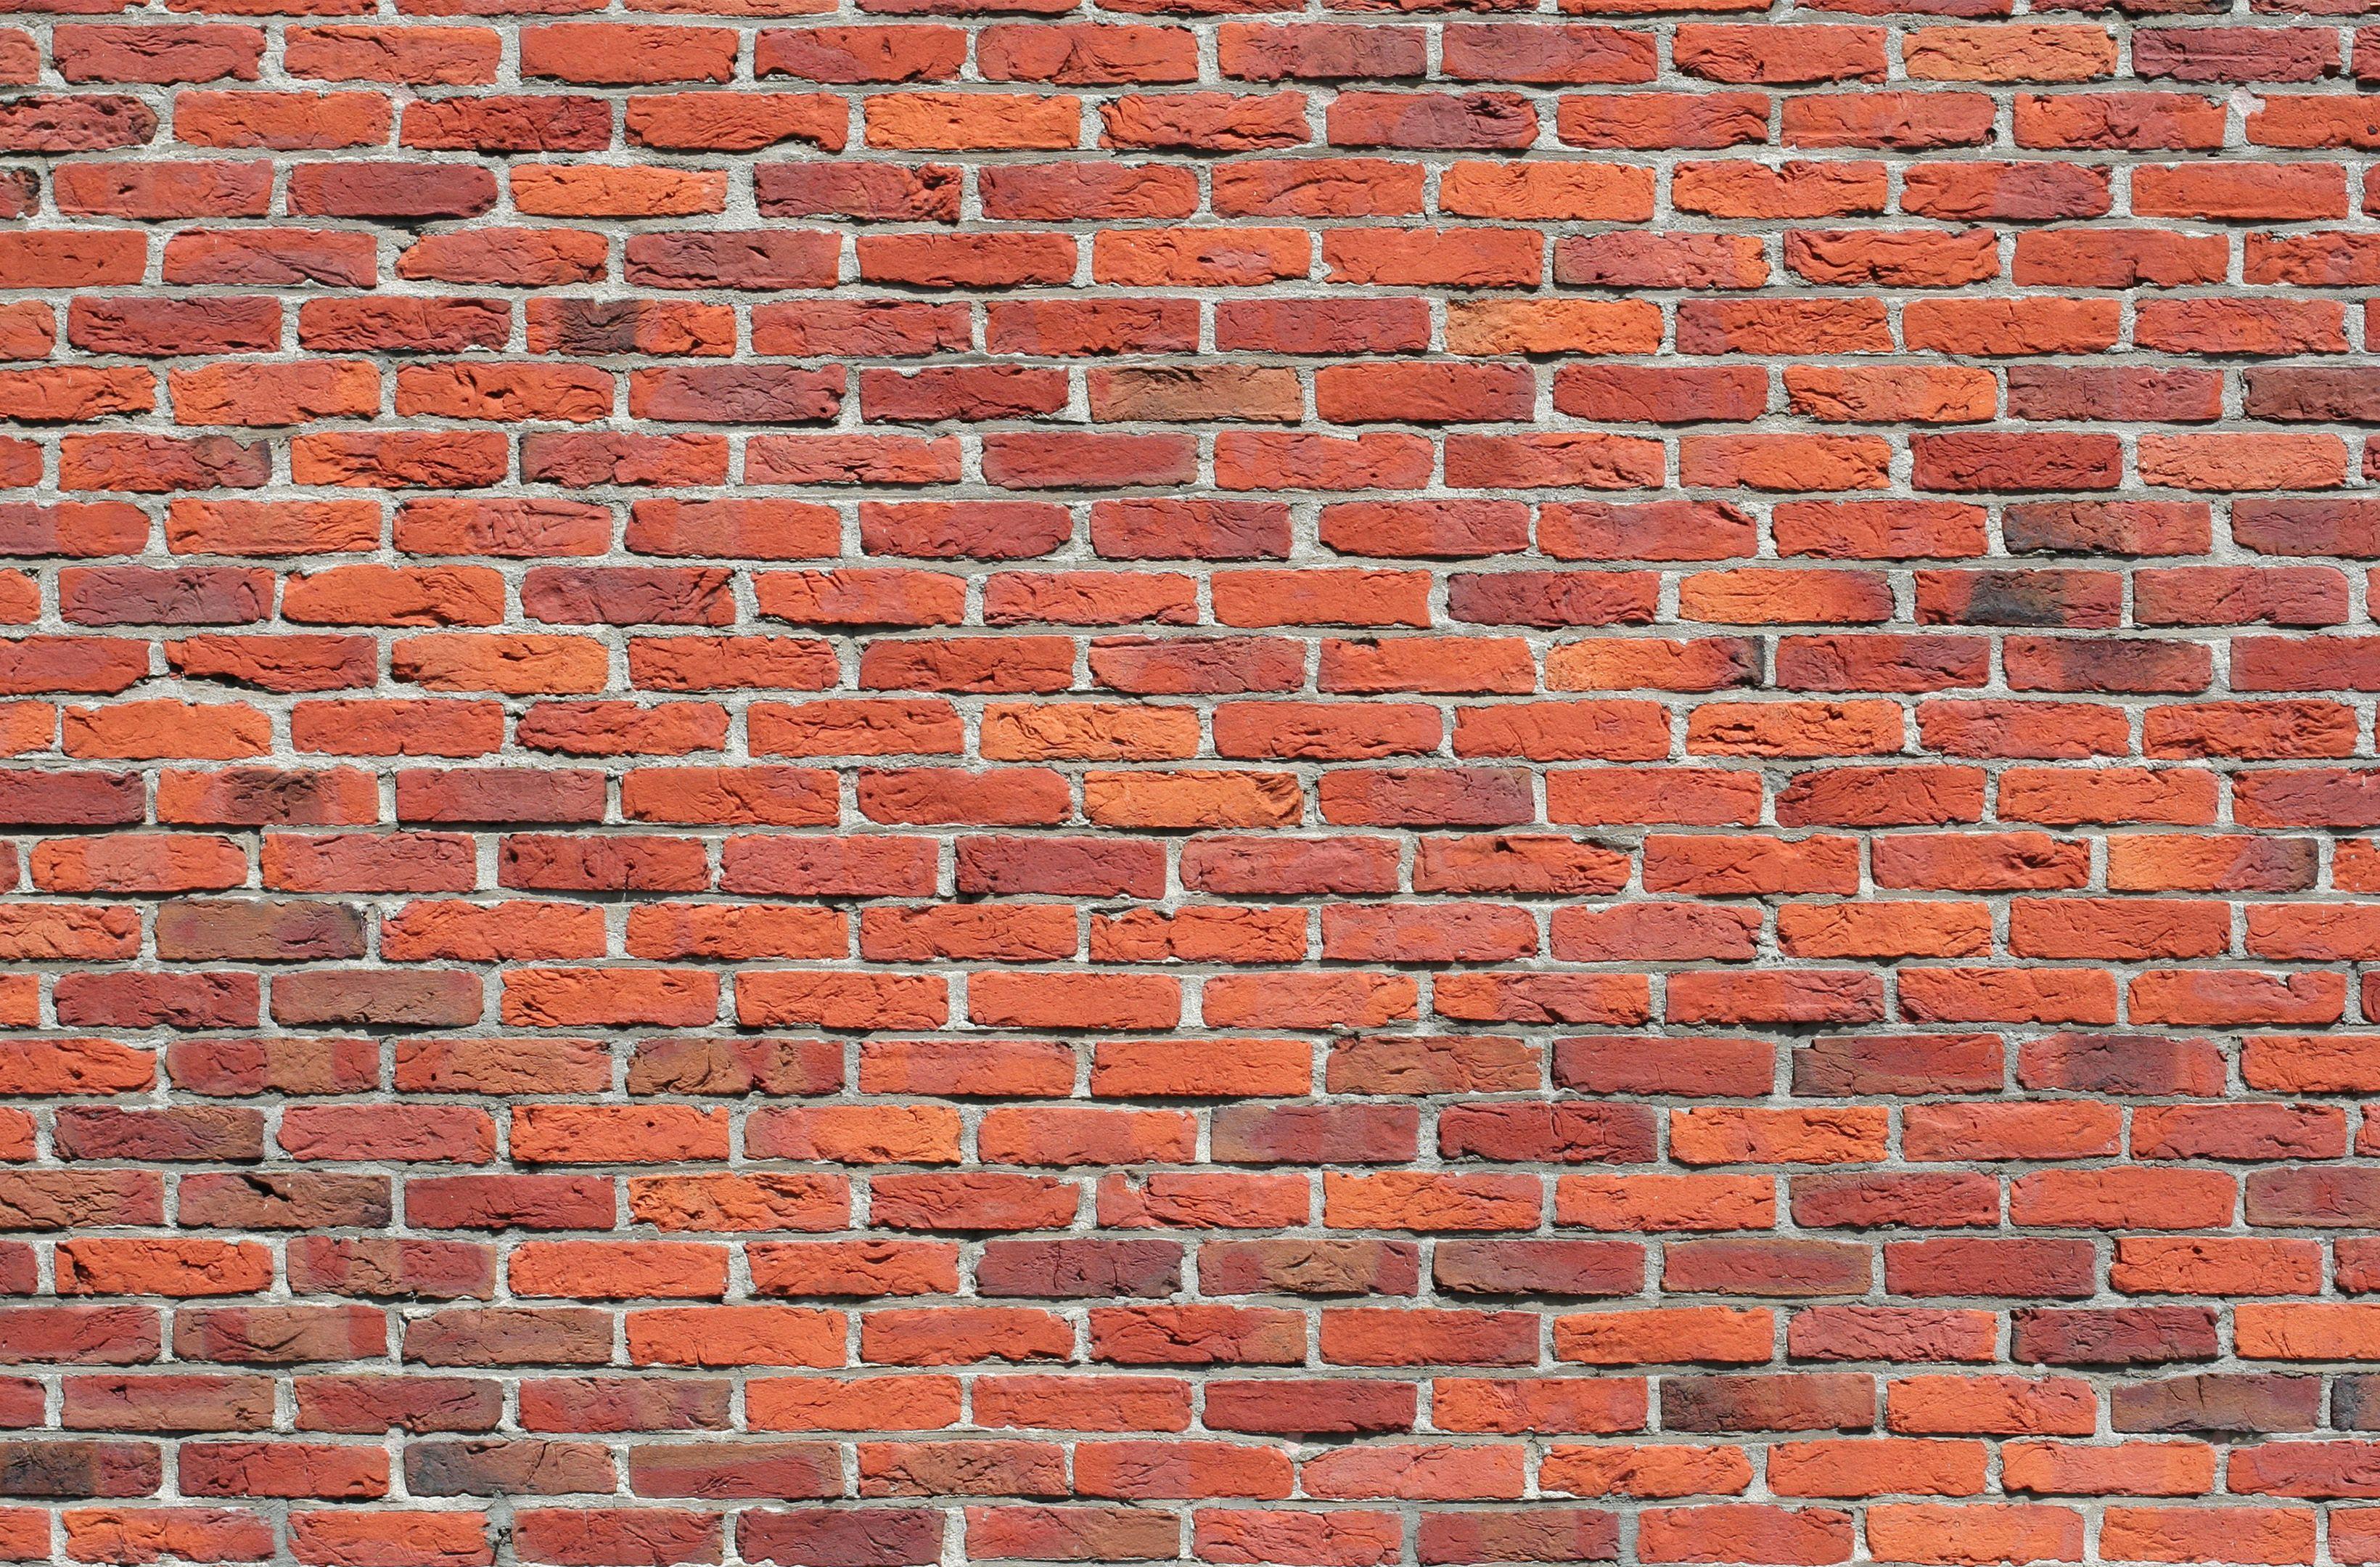 brick wall Texture, download photo, image, bricks, brick masonry.